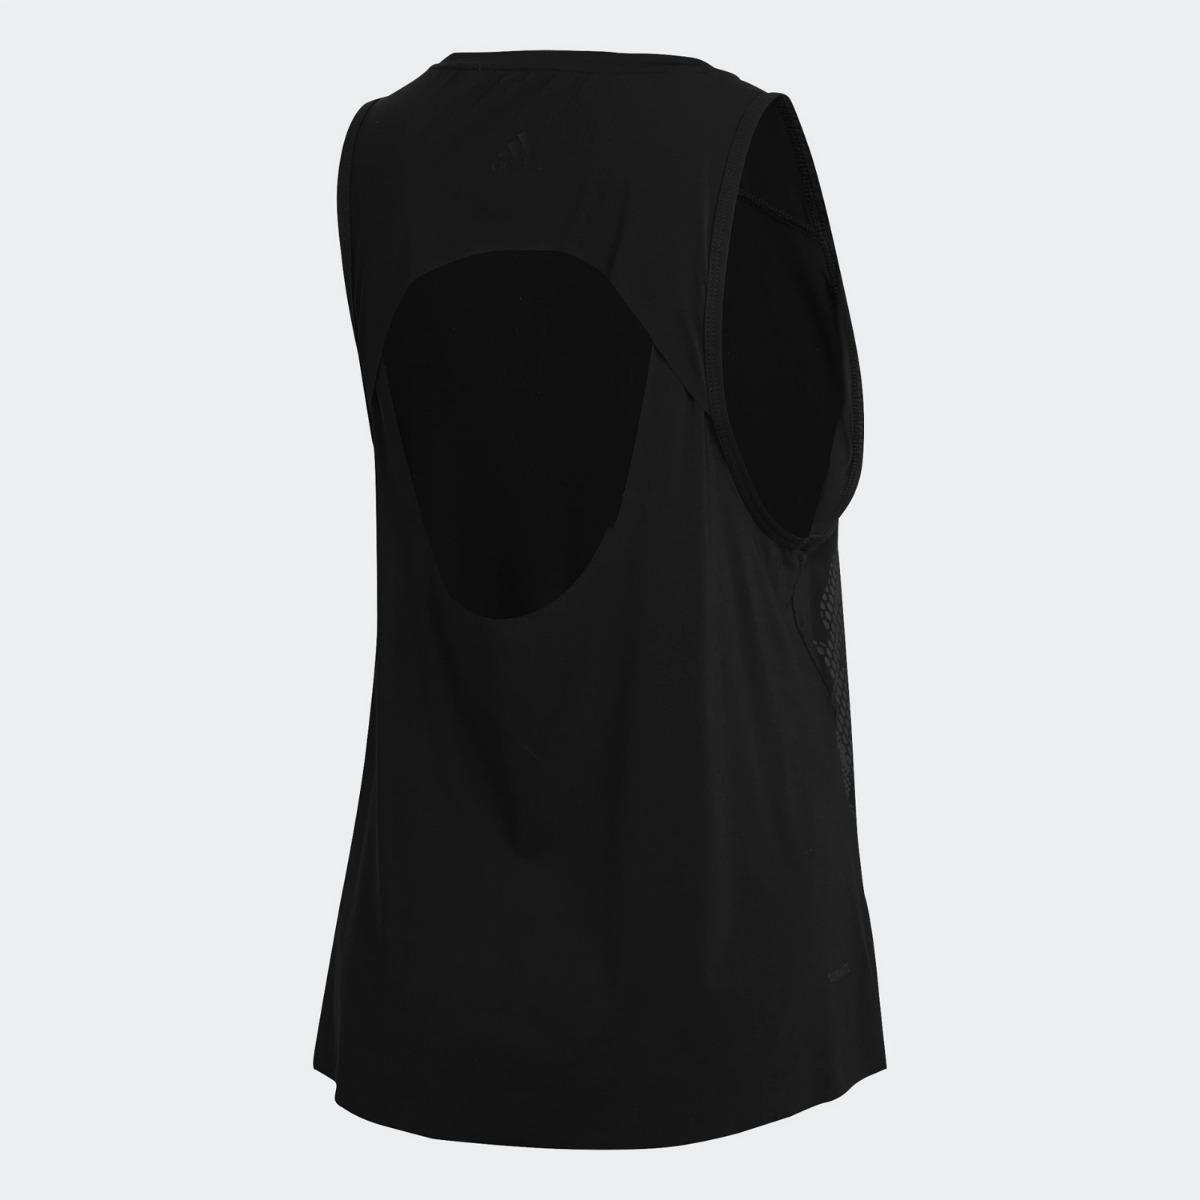 98d24e777b06e Camiseta Transpirable Negra adidas Para Mujer Dh2364 -   550.00 en ...